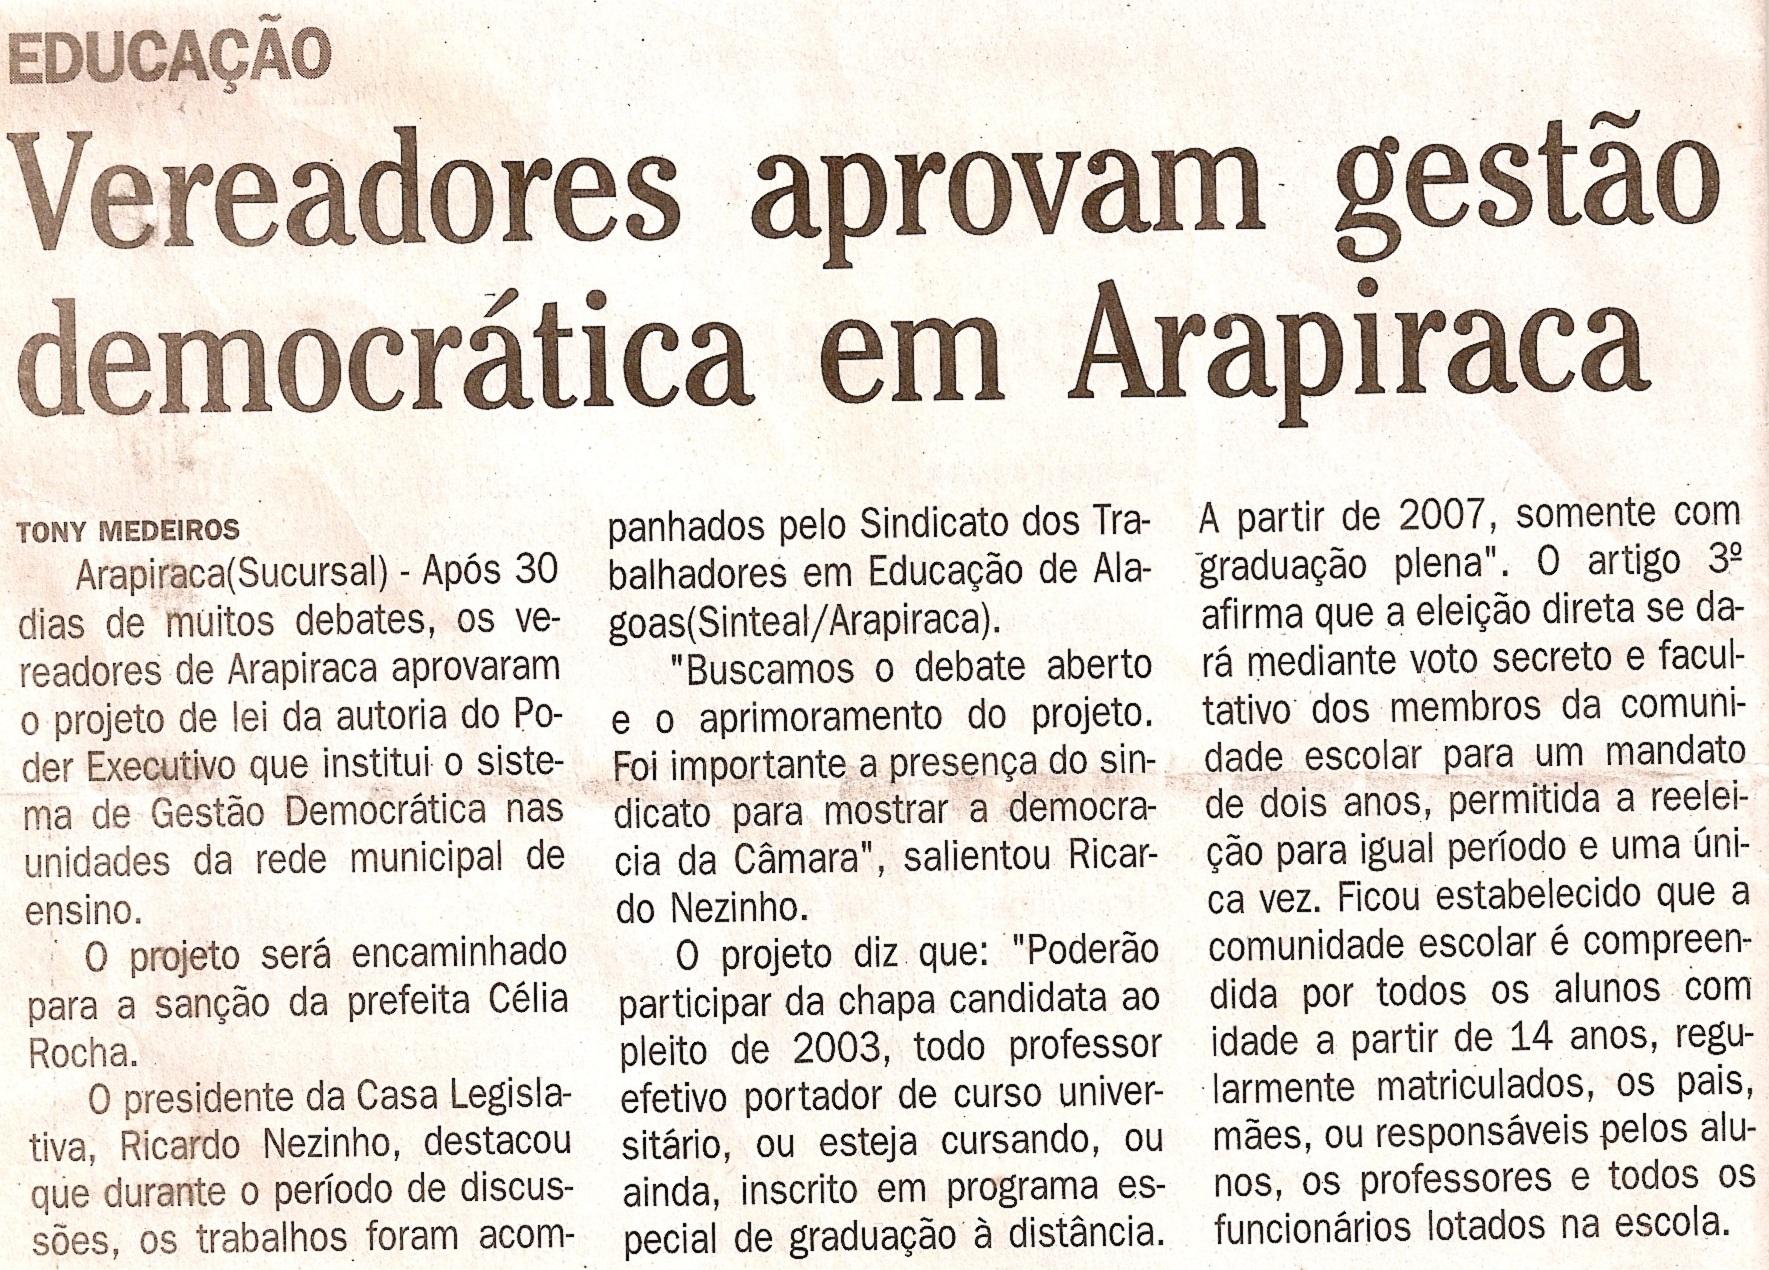 tribuna 10-05-2003